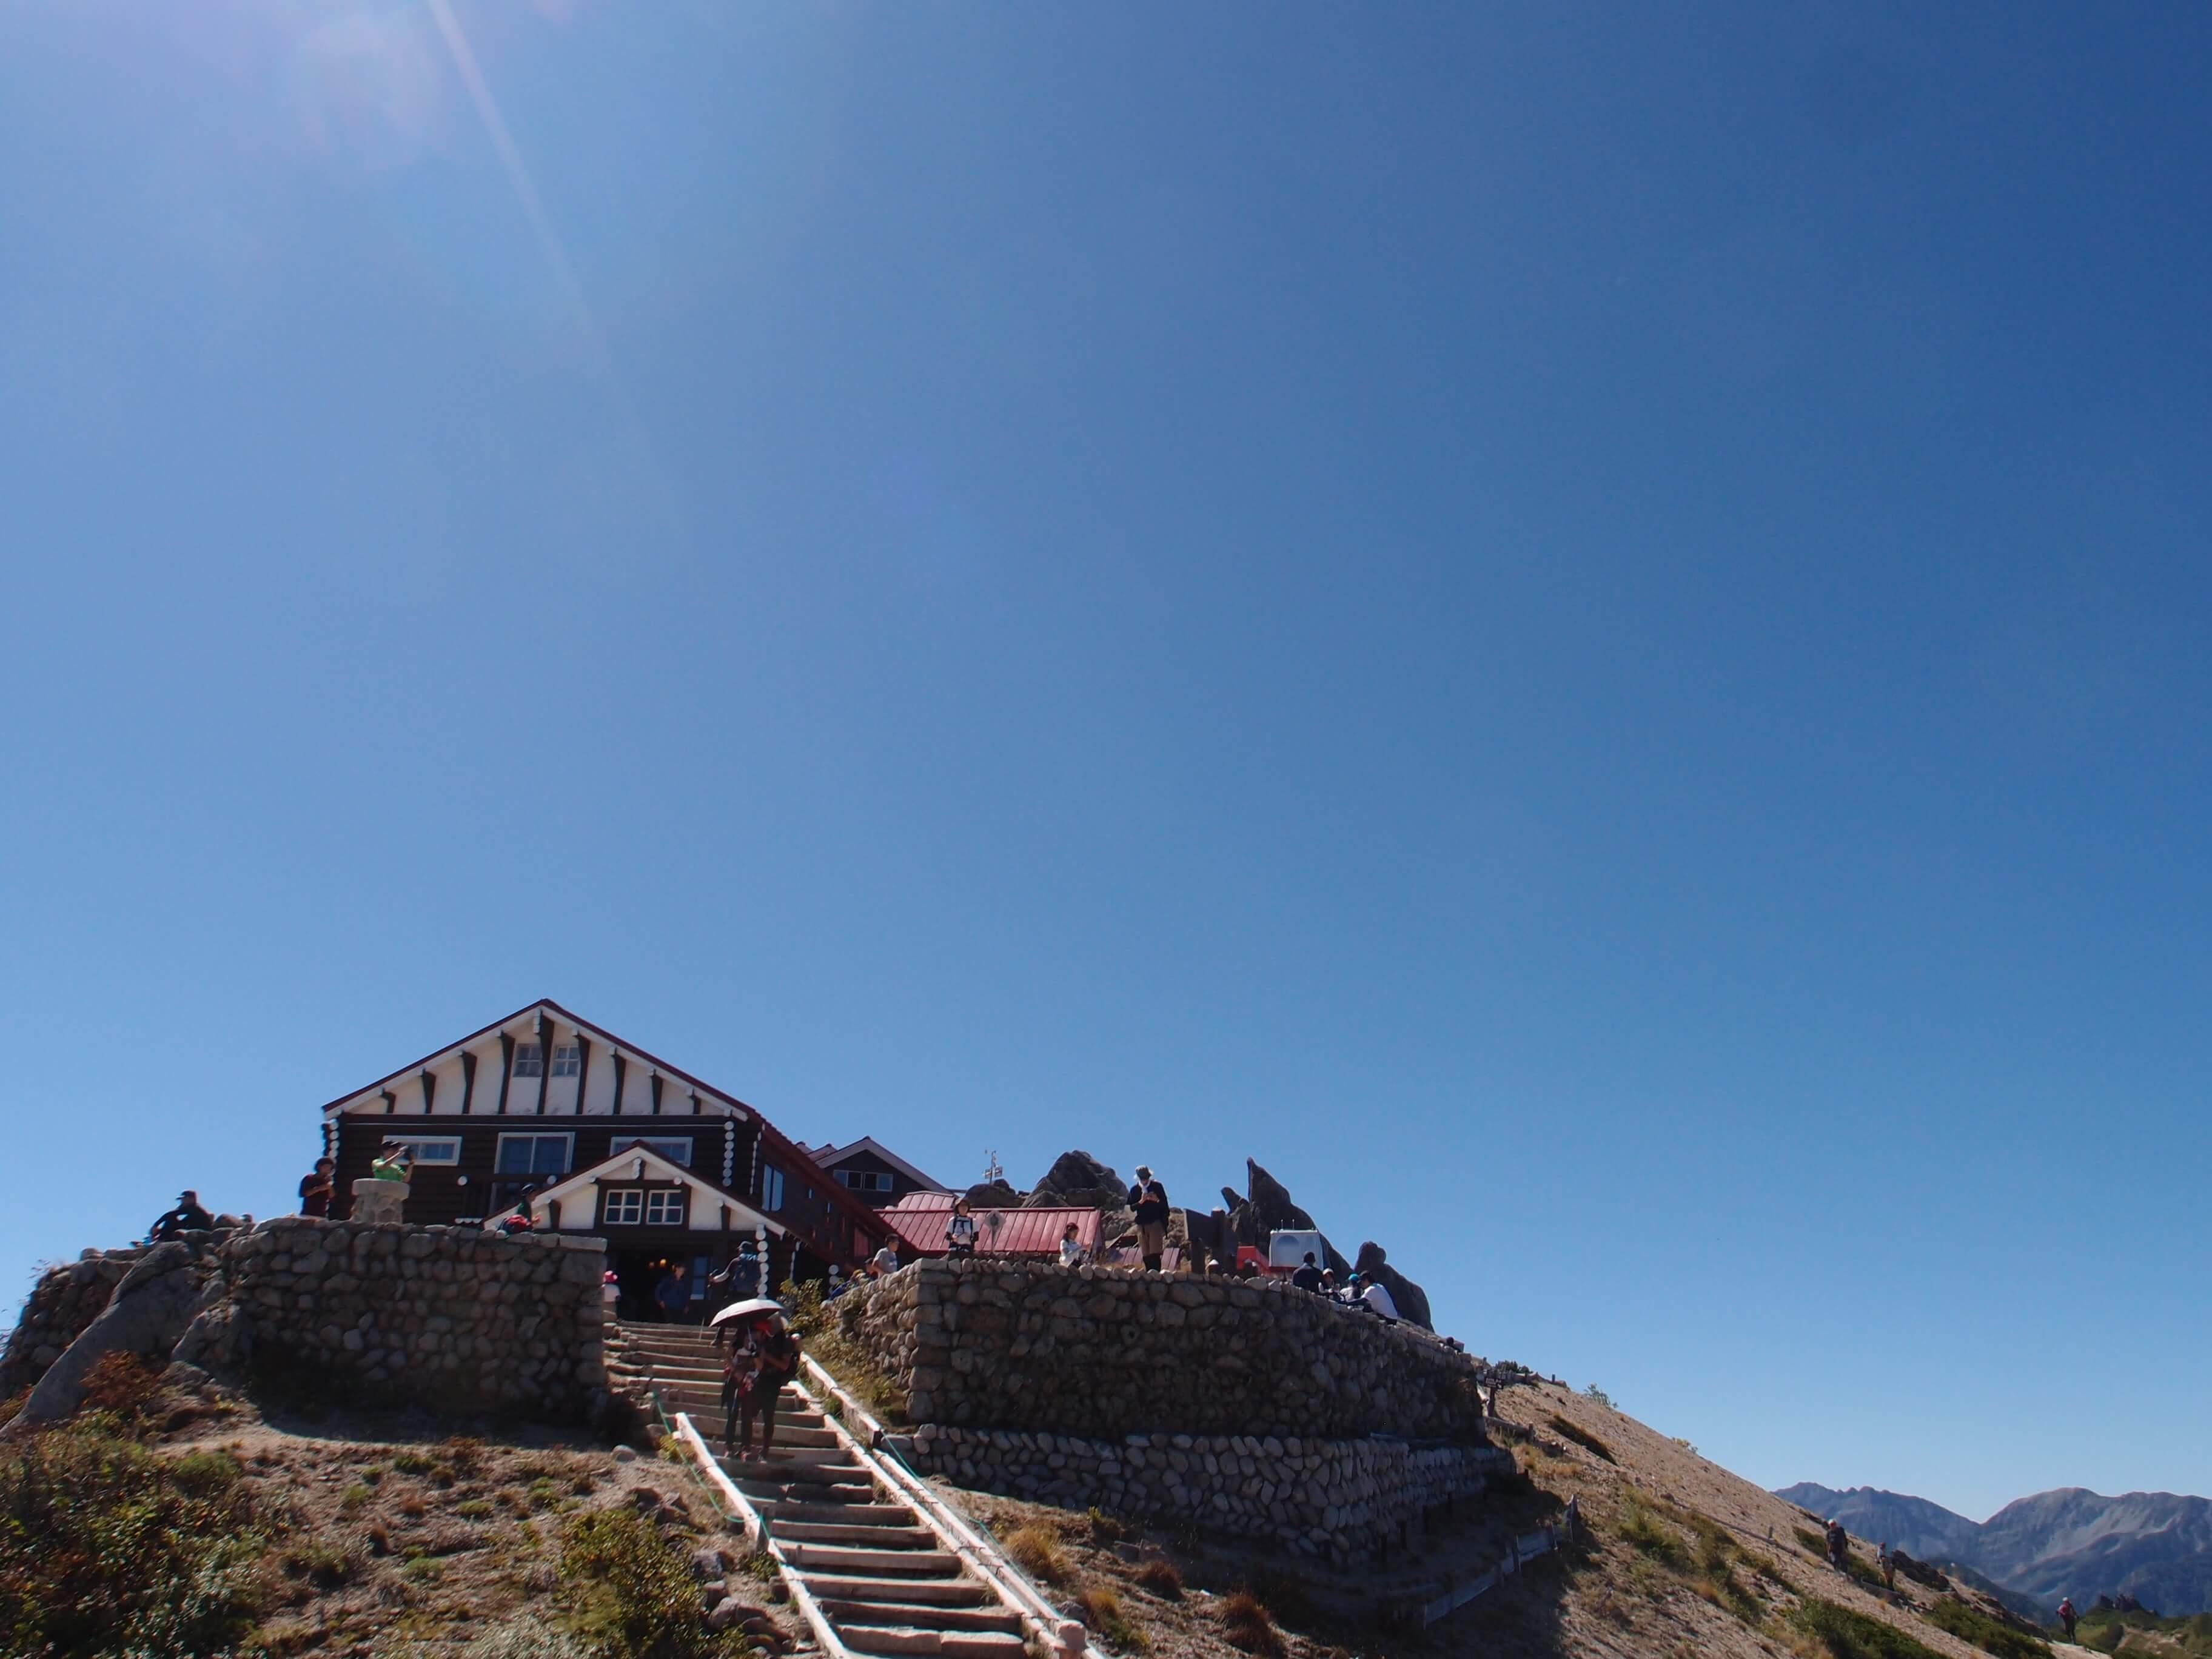 P9140138 - 【燕岳-大天井岳-常念岳-蝶ヶ岳 縦走録(1)】(ほぼ)初めての北アルプス。あの雲の上。輝く槍ヶ岳を眺め続けた最高の山行